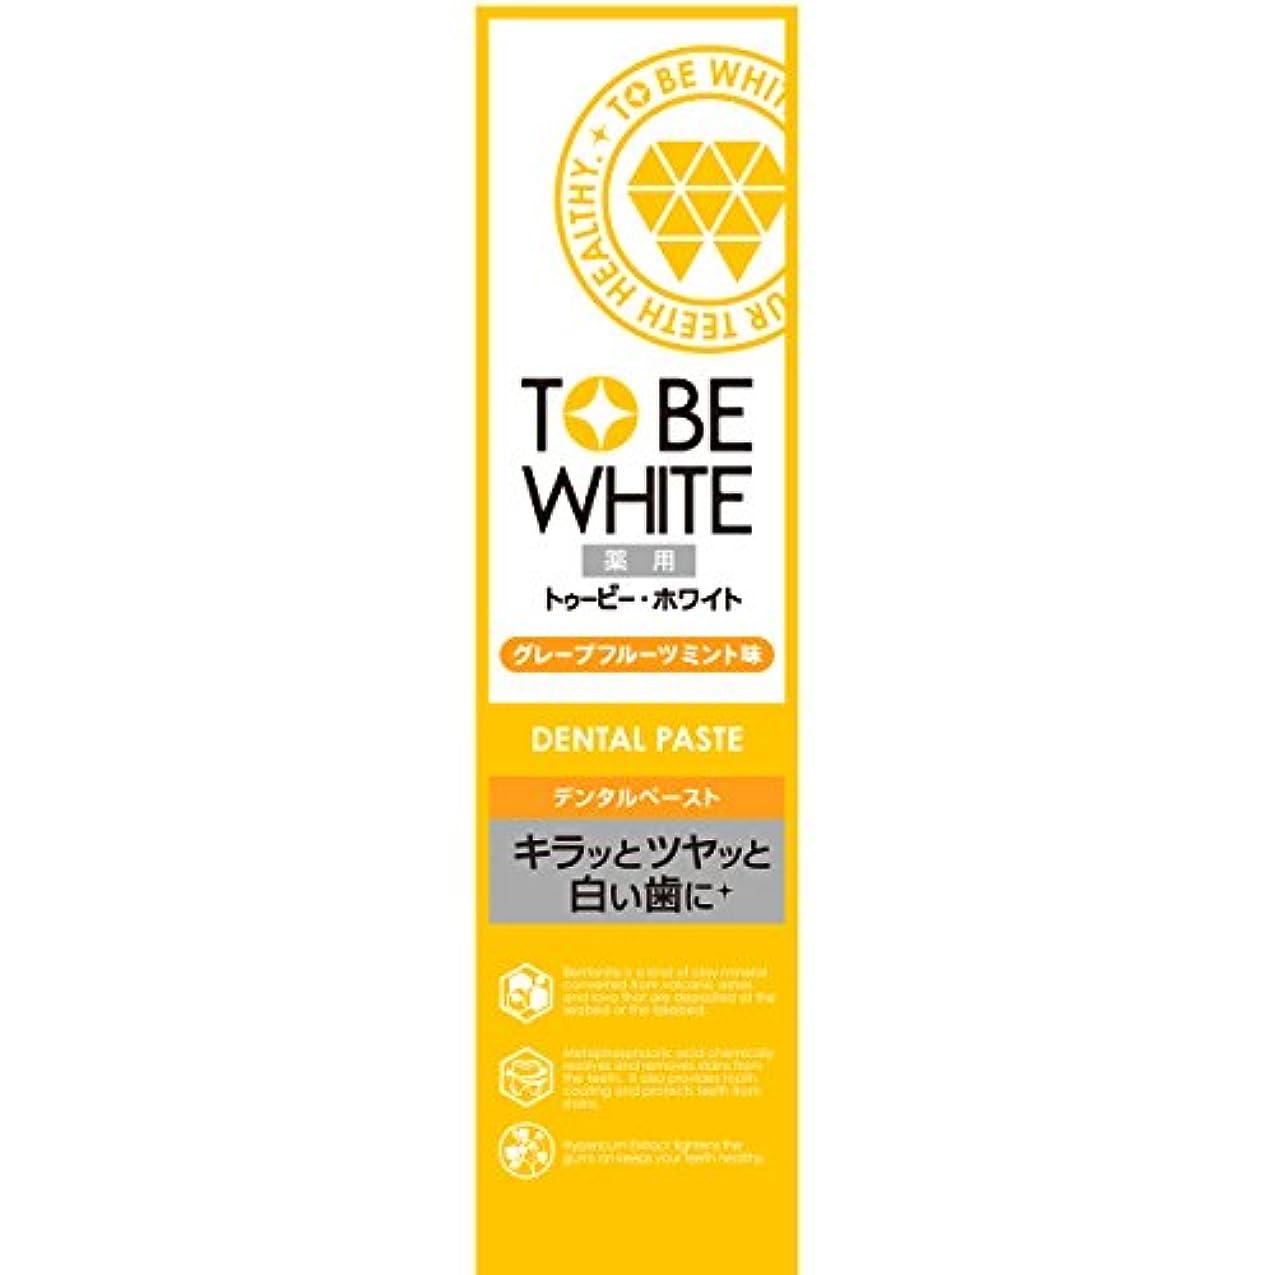 人差し指錆びましいトゥービー?ホワイト 薬用 ホワイトニング ハミガキ粉 グレープフルーツミント 味 60g 【医薬部外品】